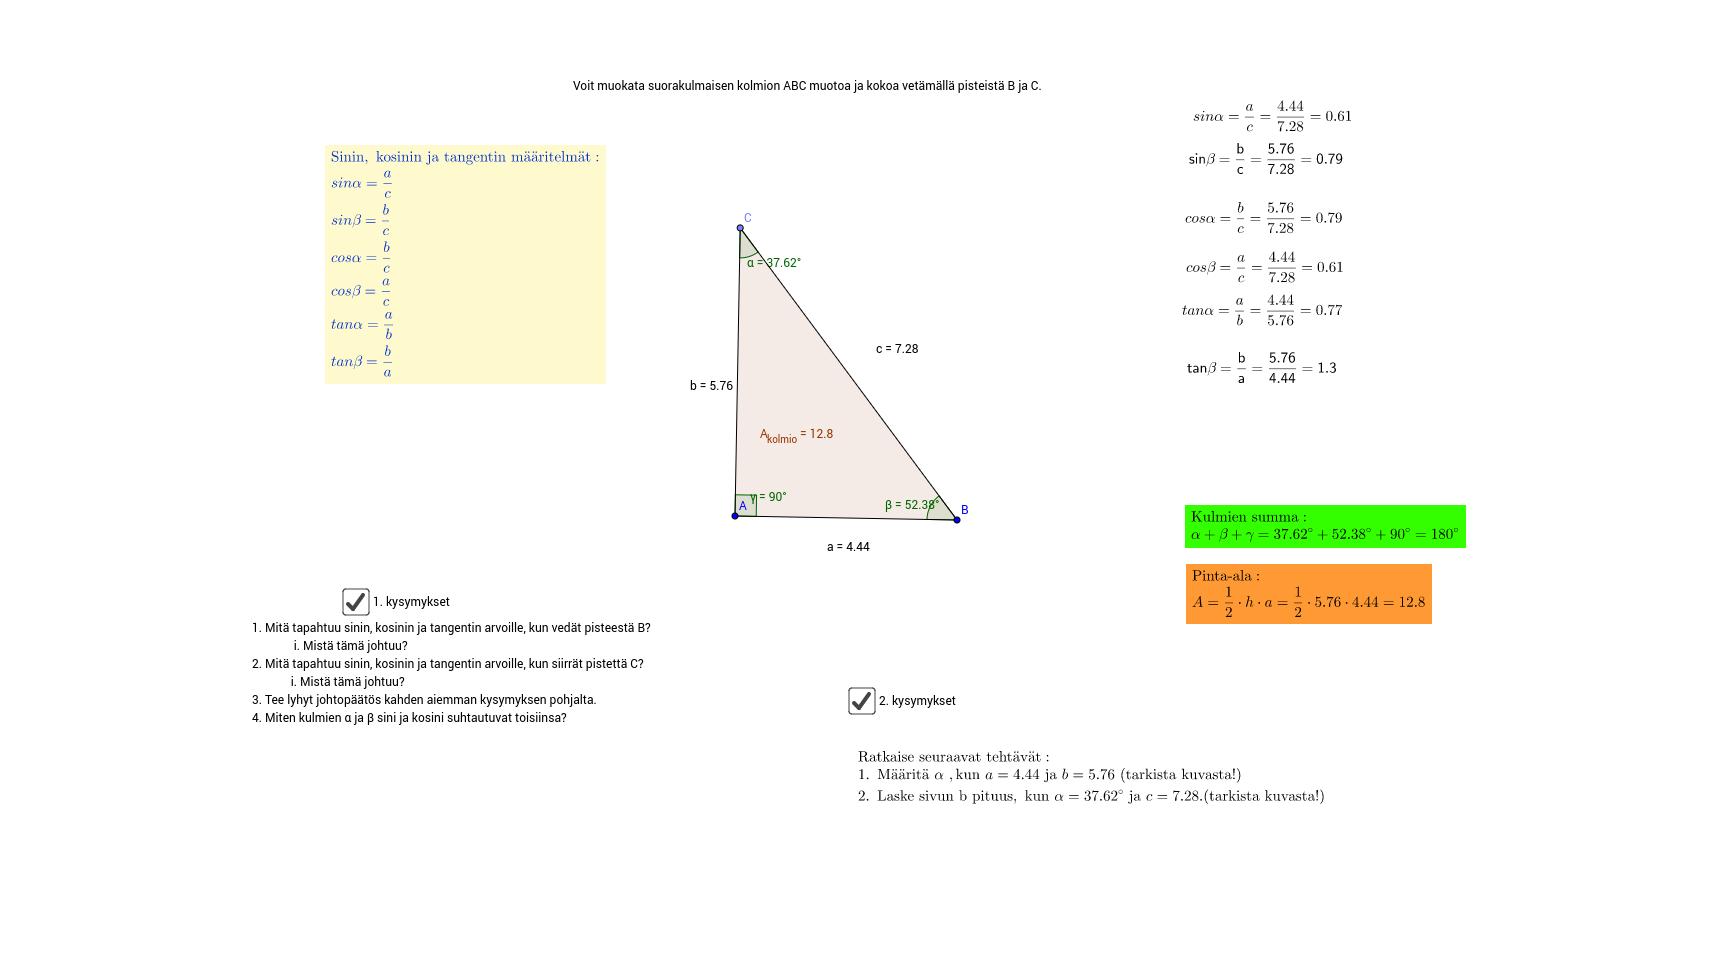 Suorakulmainen kolmio ja trigonometriset funktiot